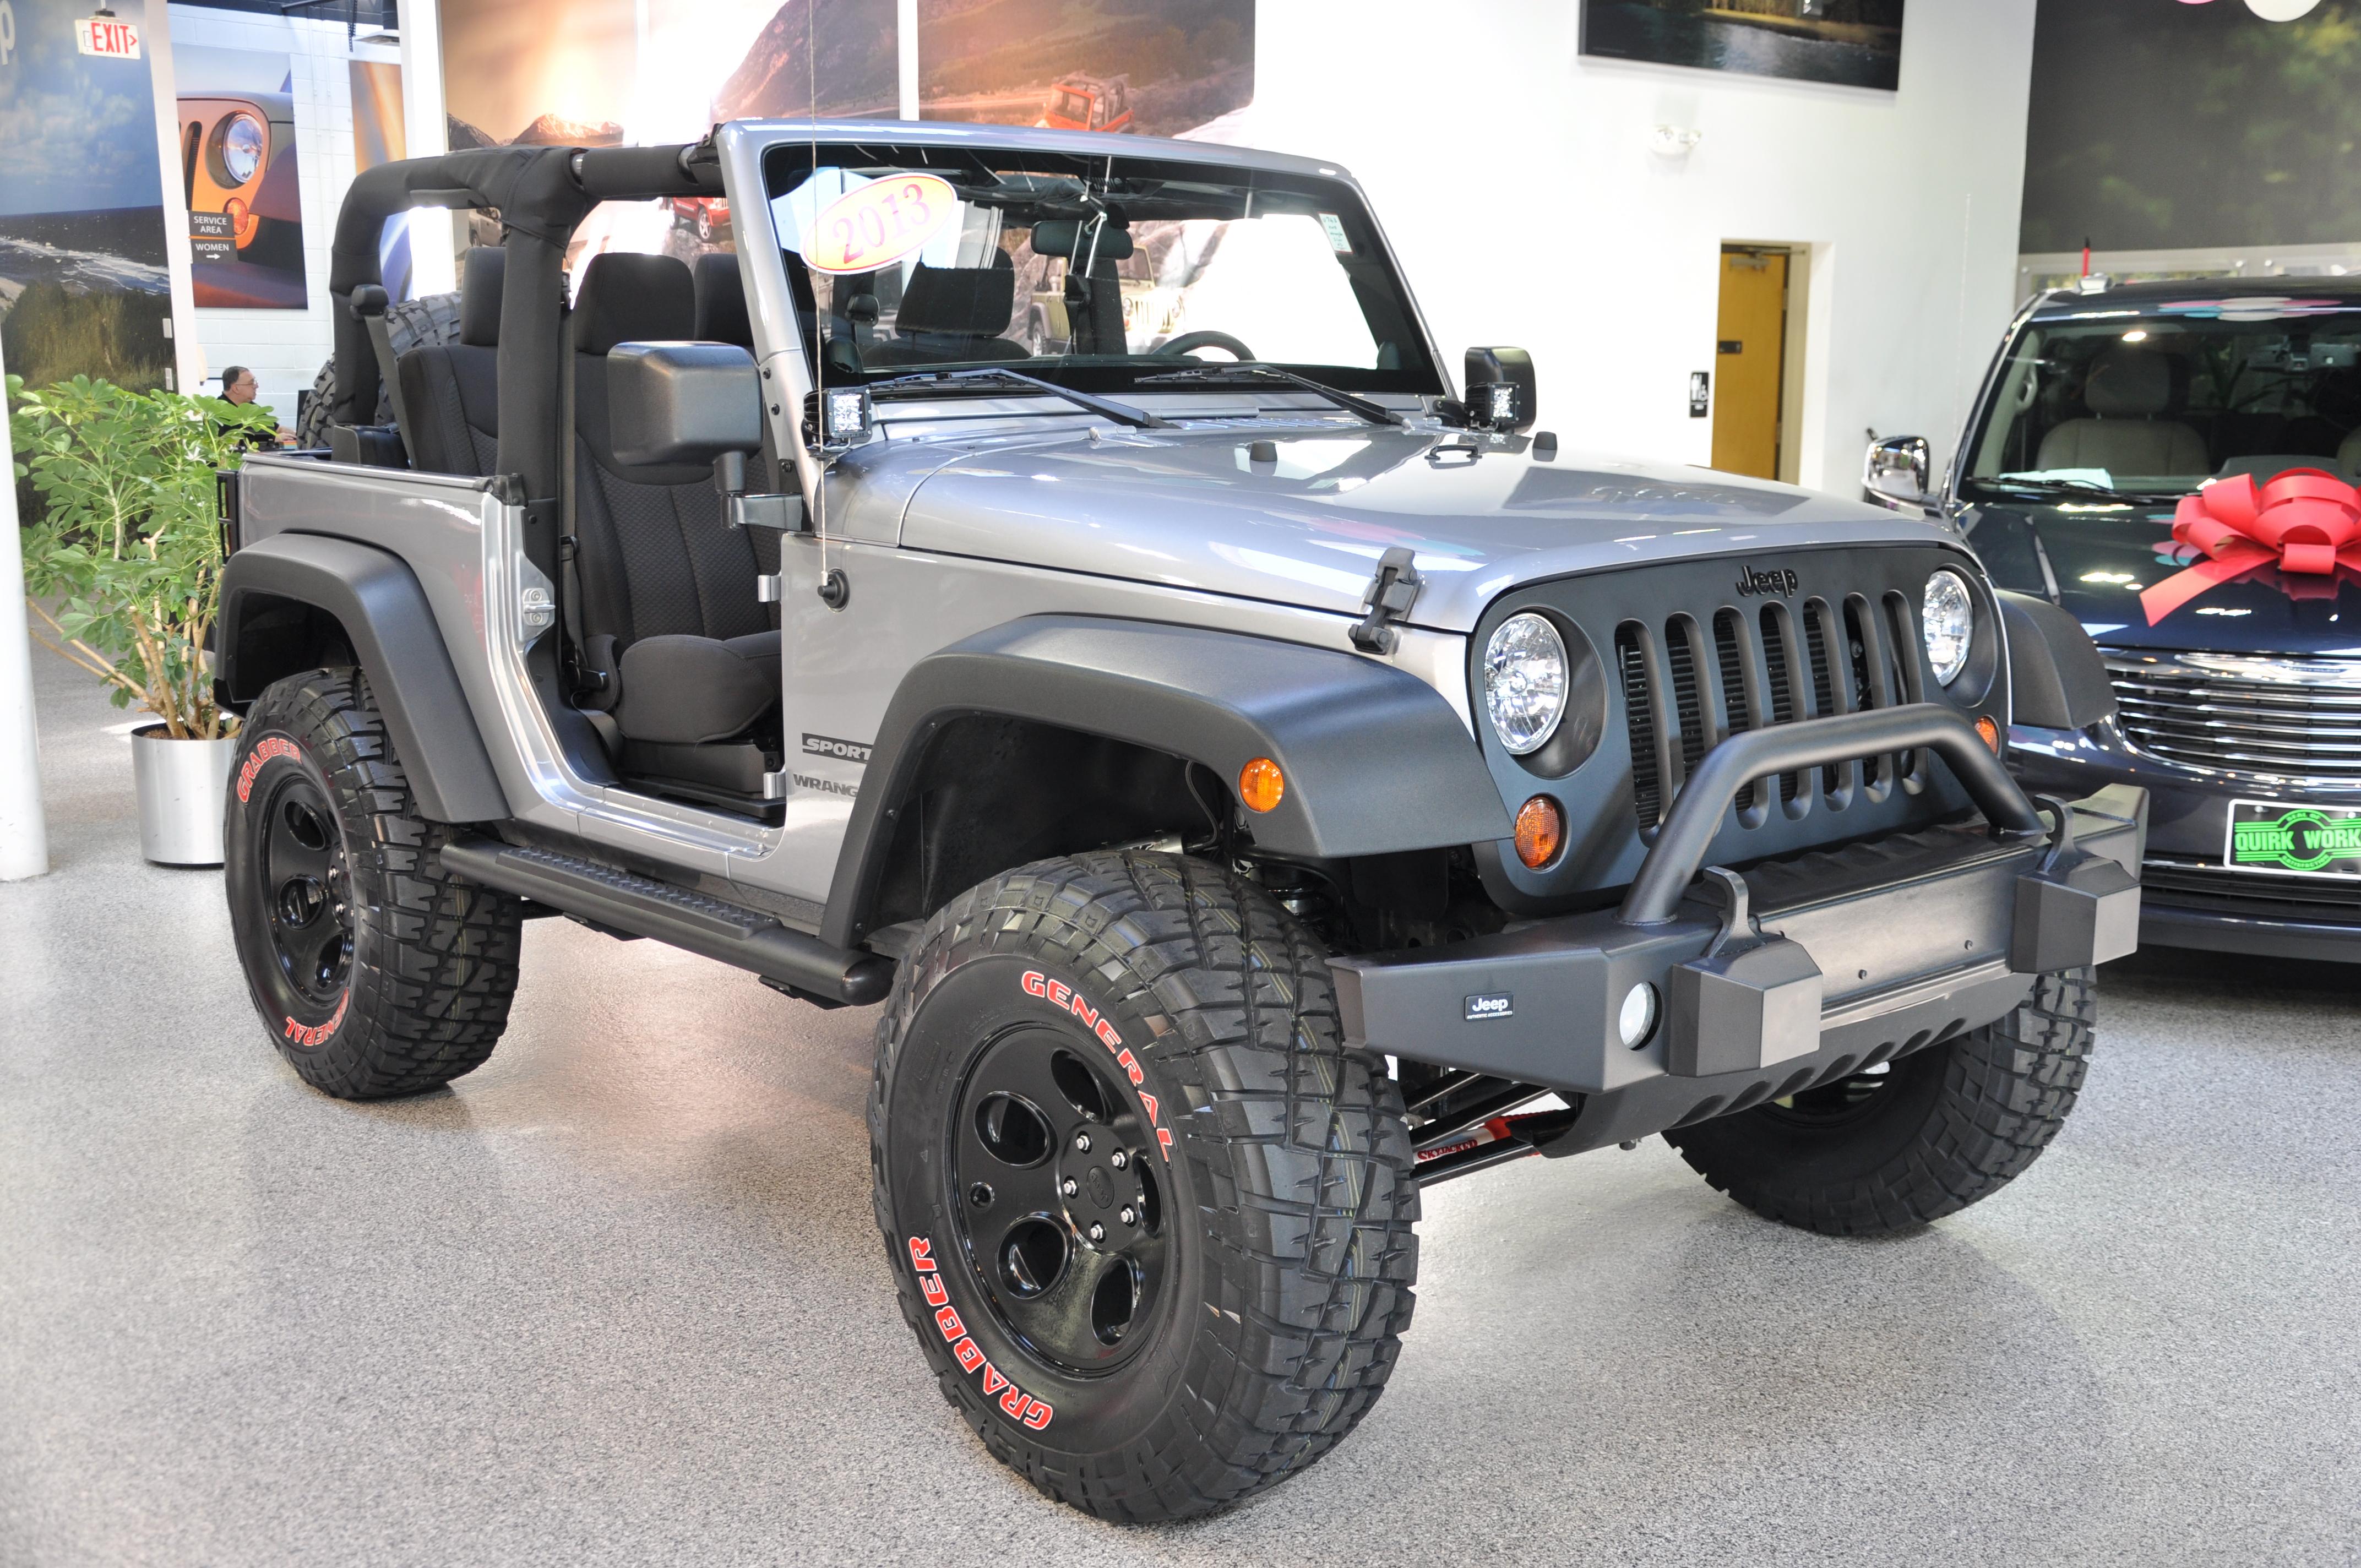 custom 2013 jeep wrangler jk built just outside boston massachusetts. Black Bedroom Furniture Sets. Home Design Ideas